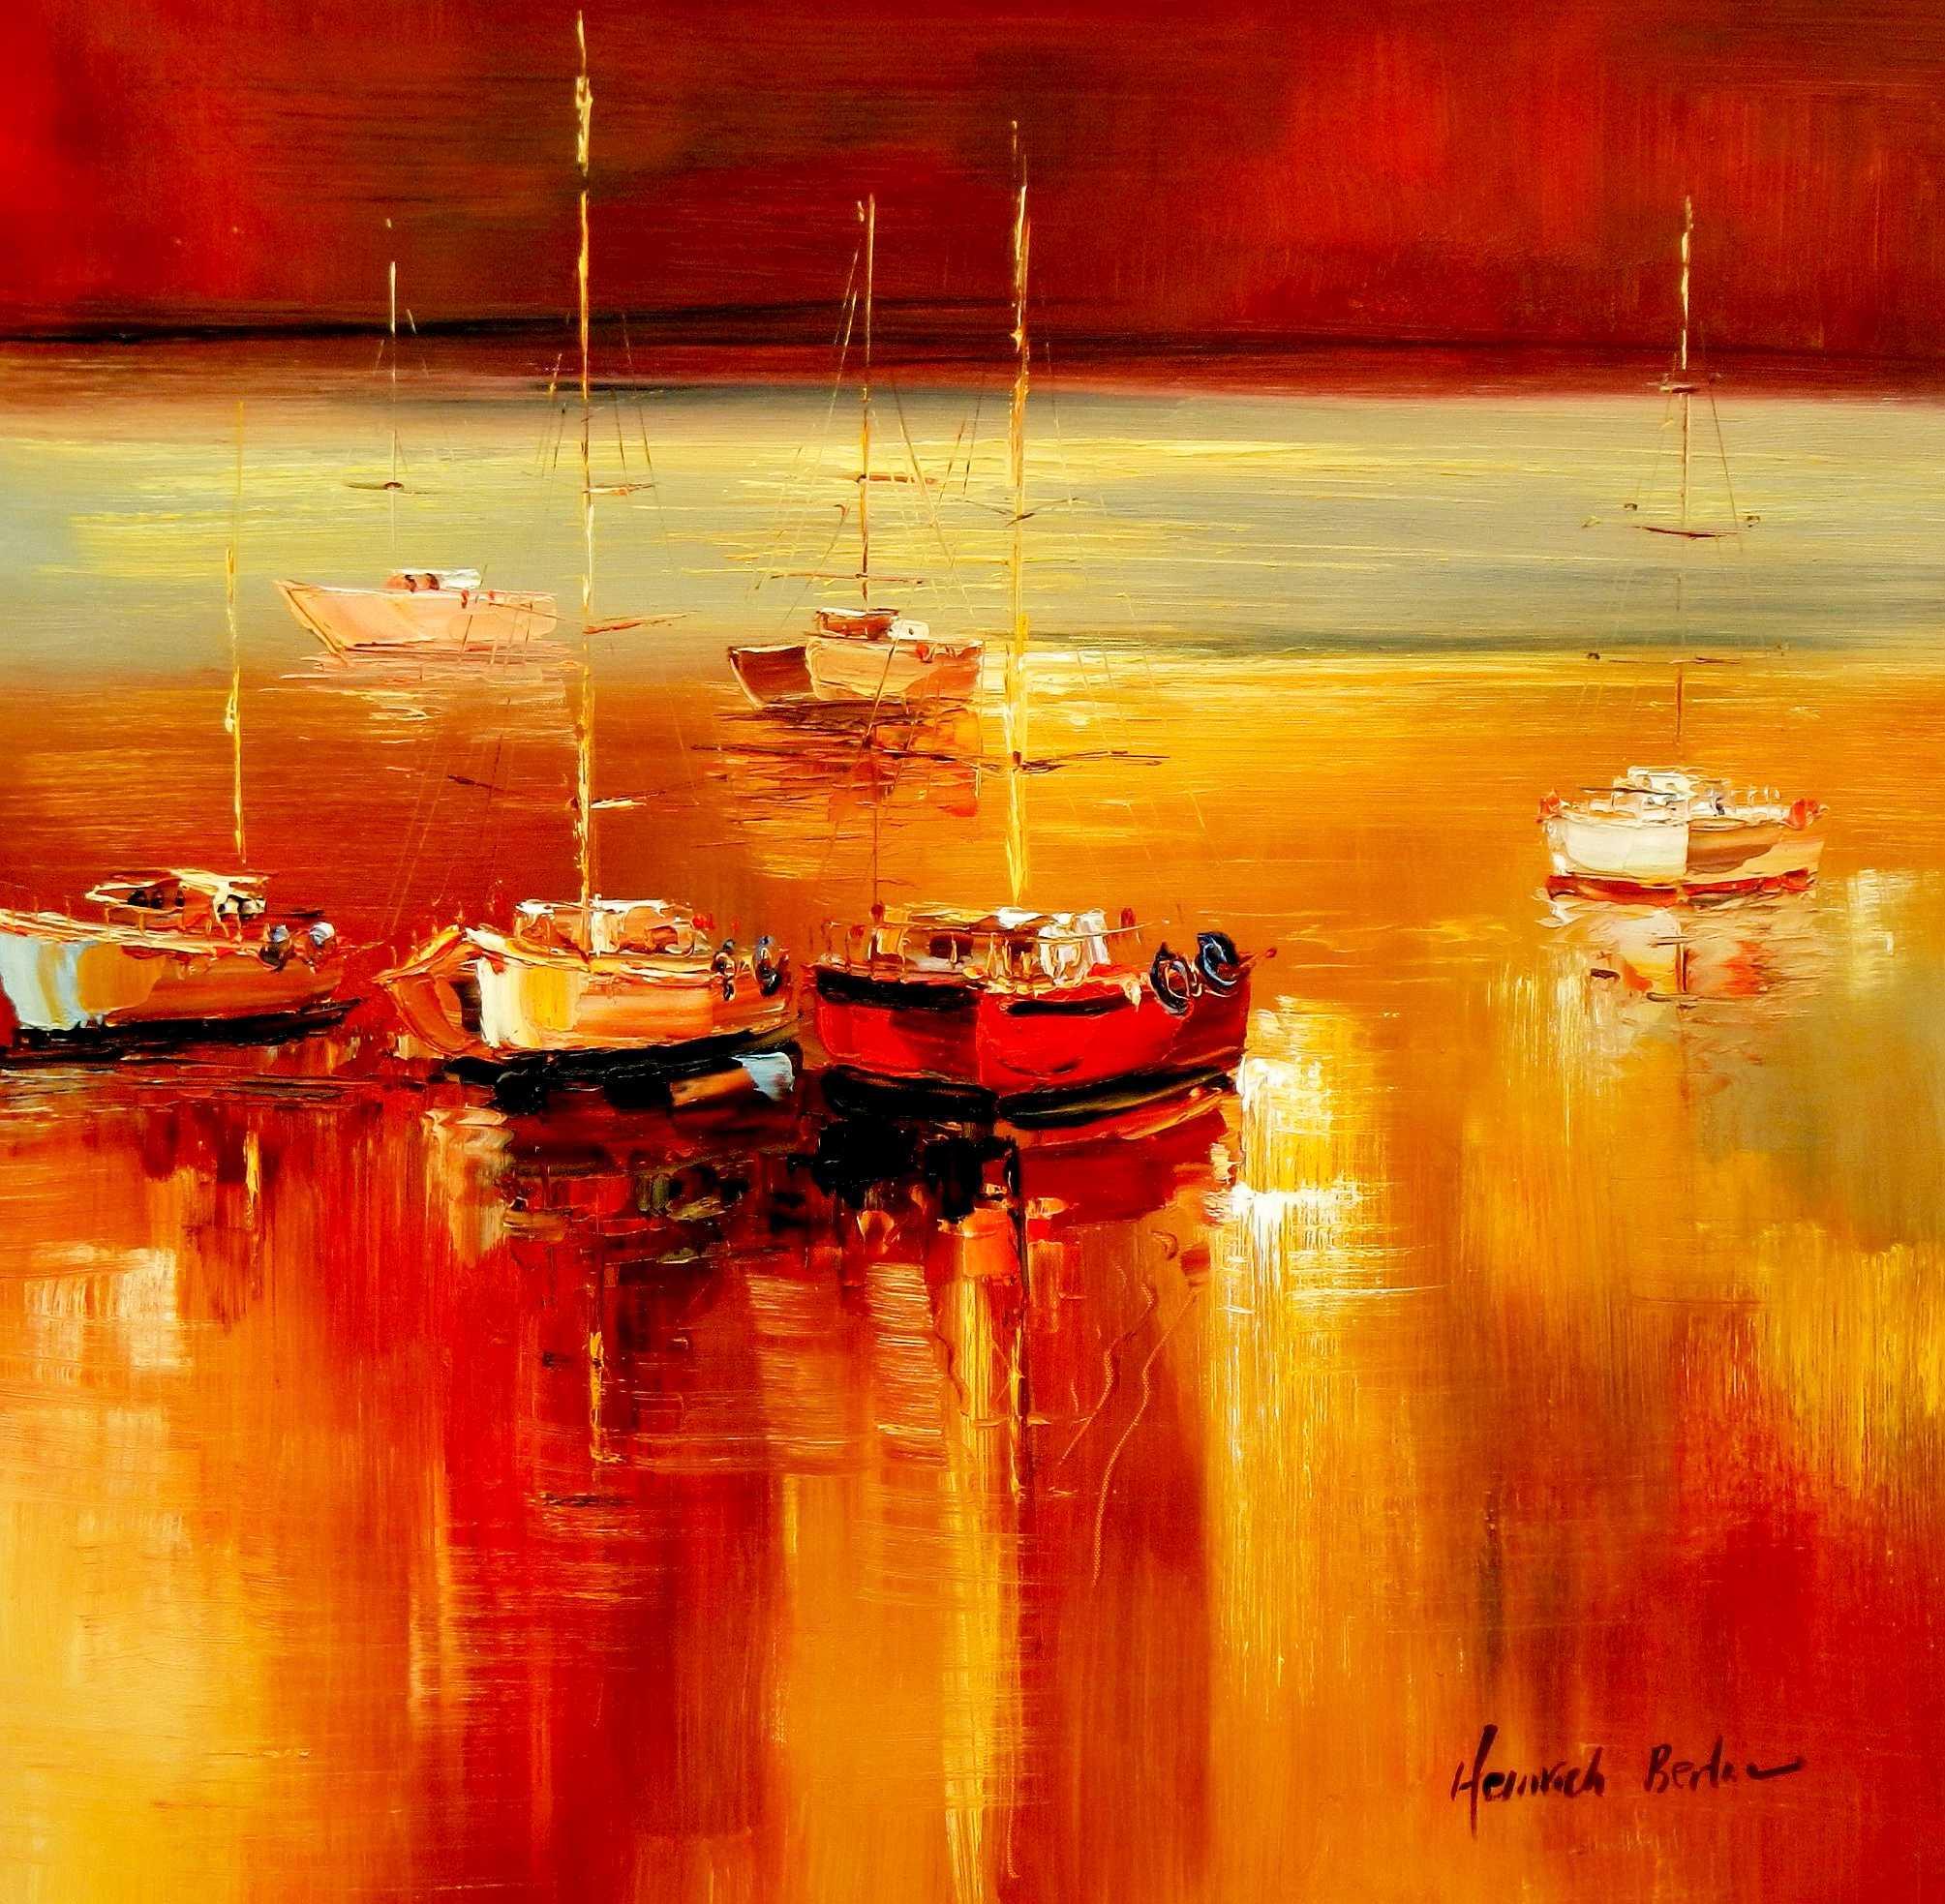 Segelboote auf dem Gardasee e94906 60x60cm modernes Gemälde handgemalt